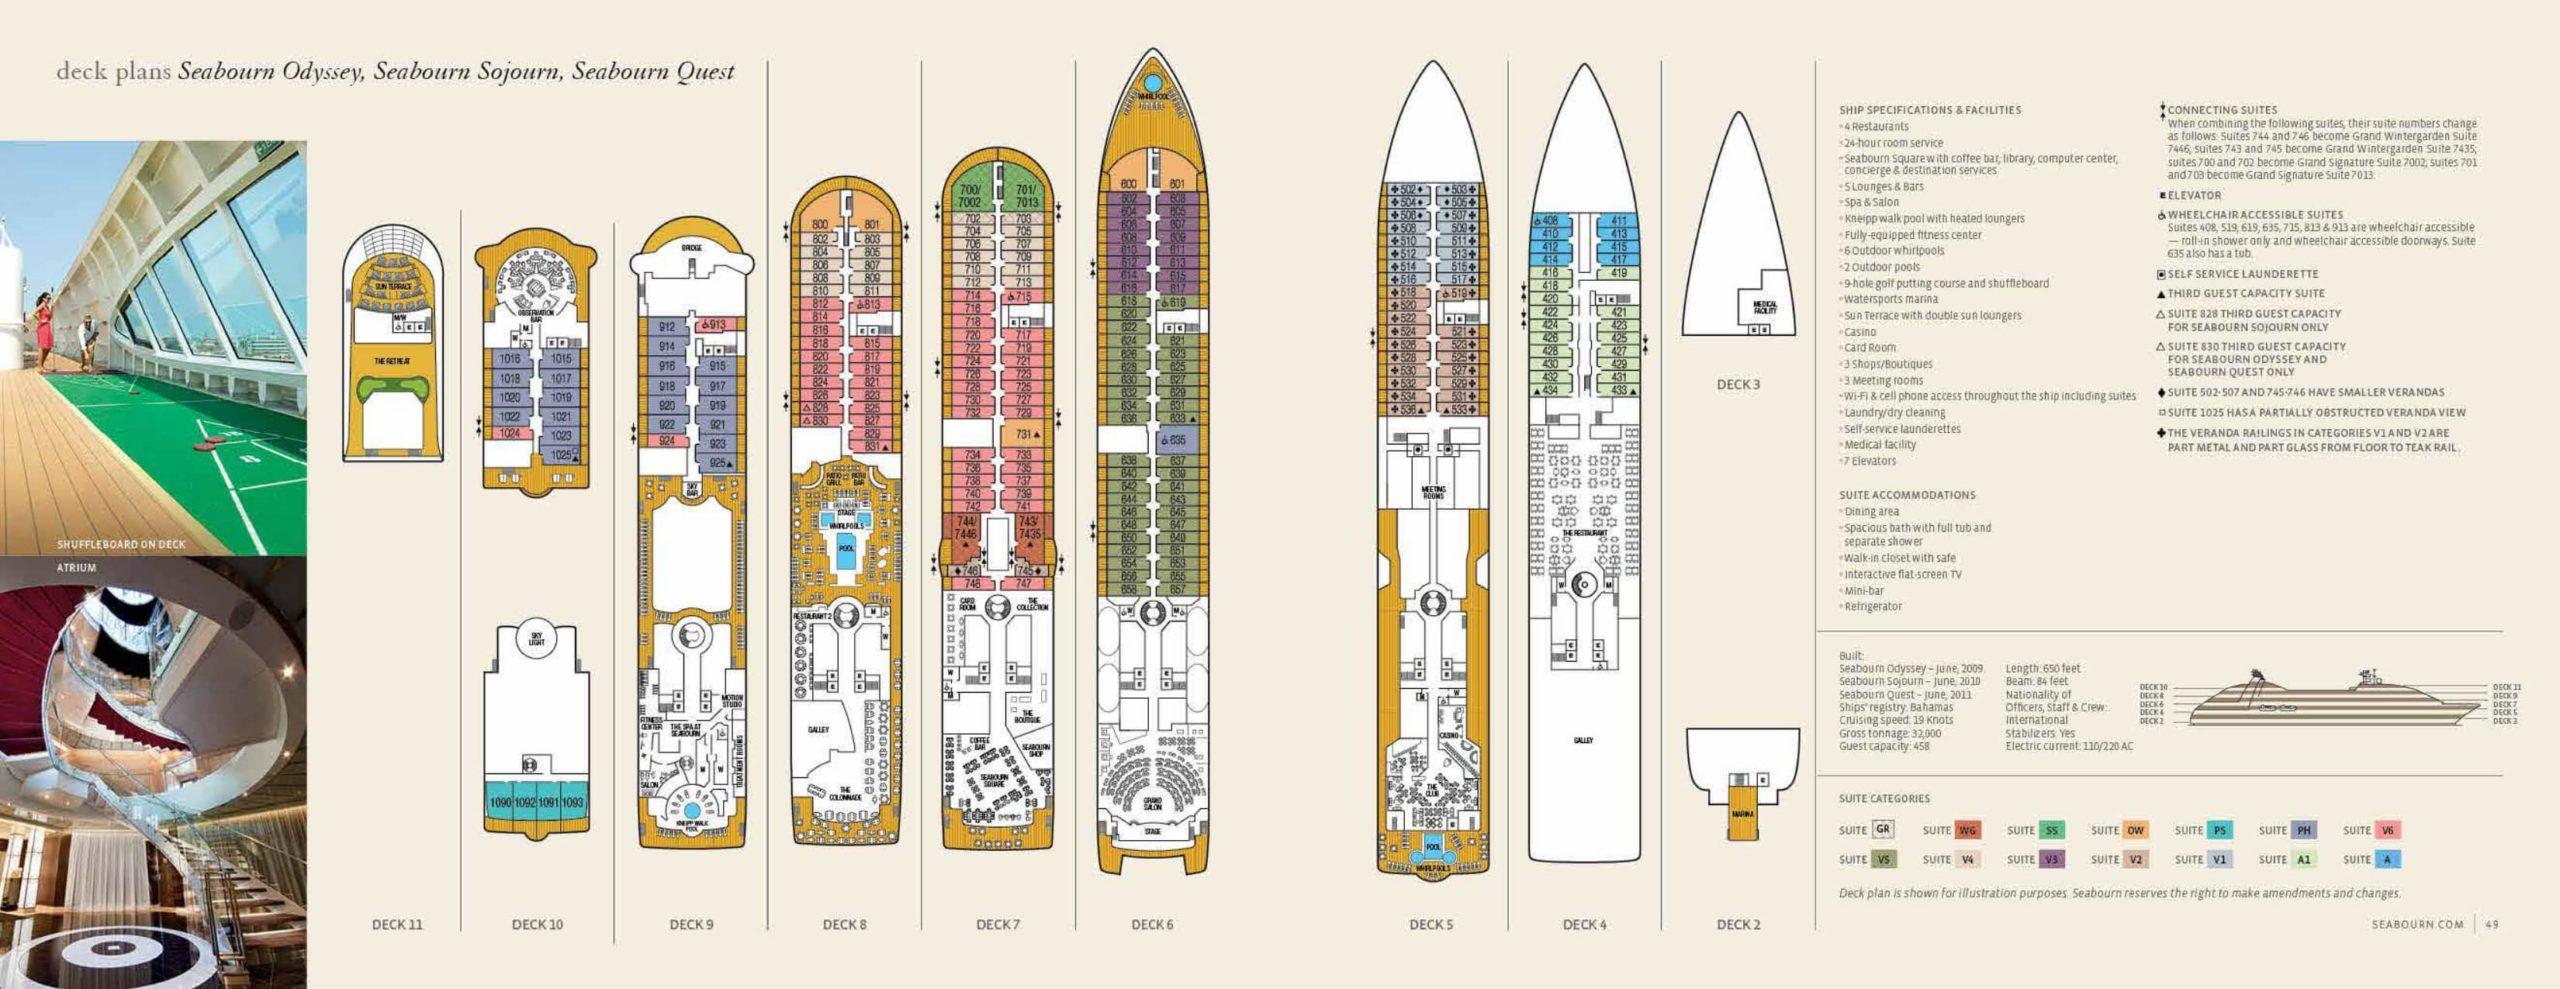 Seabourn Odyssey, Sojourn, Quest - Deck Plan